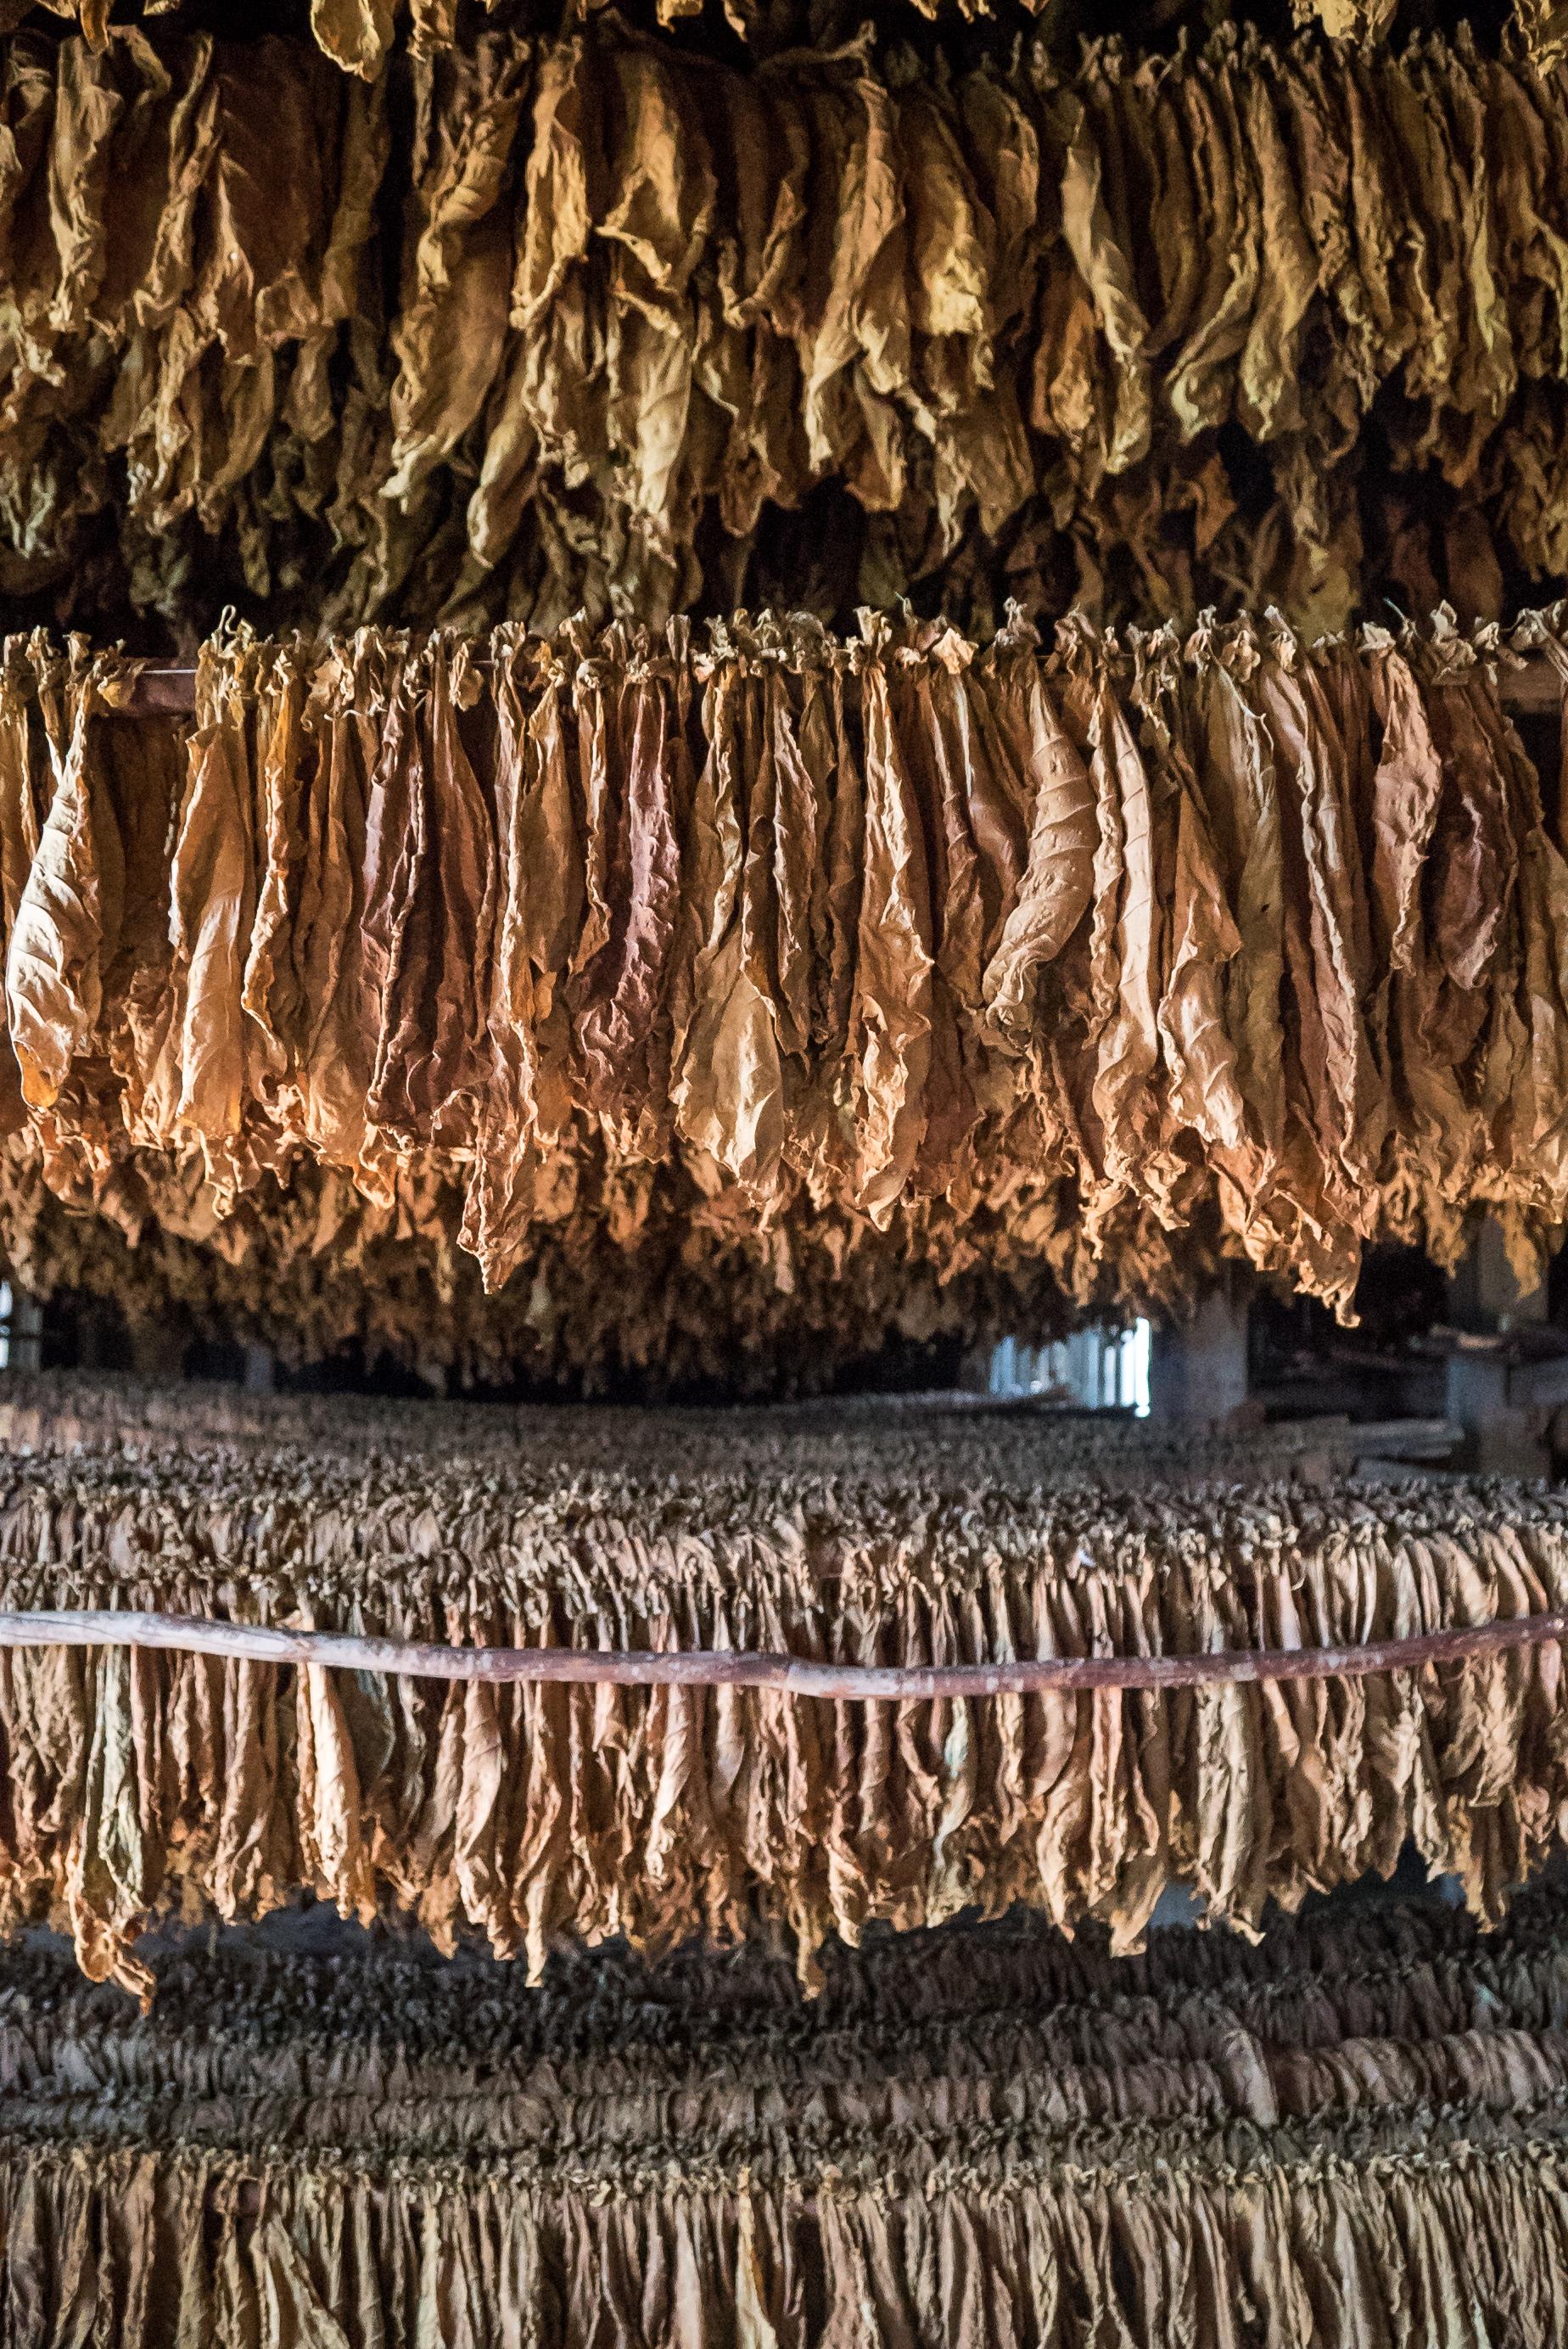 Tobacco farm in Viñales